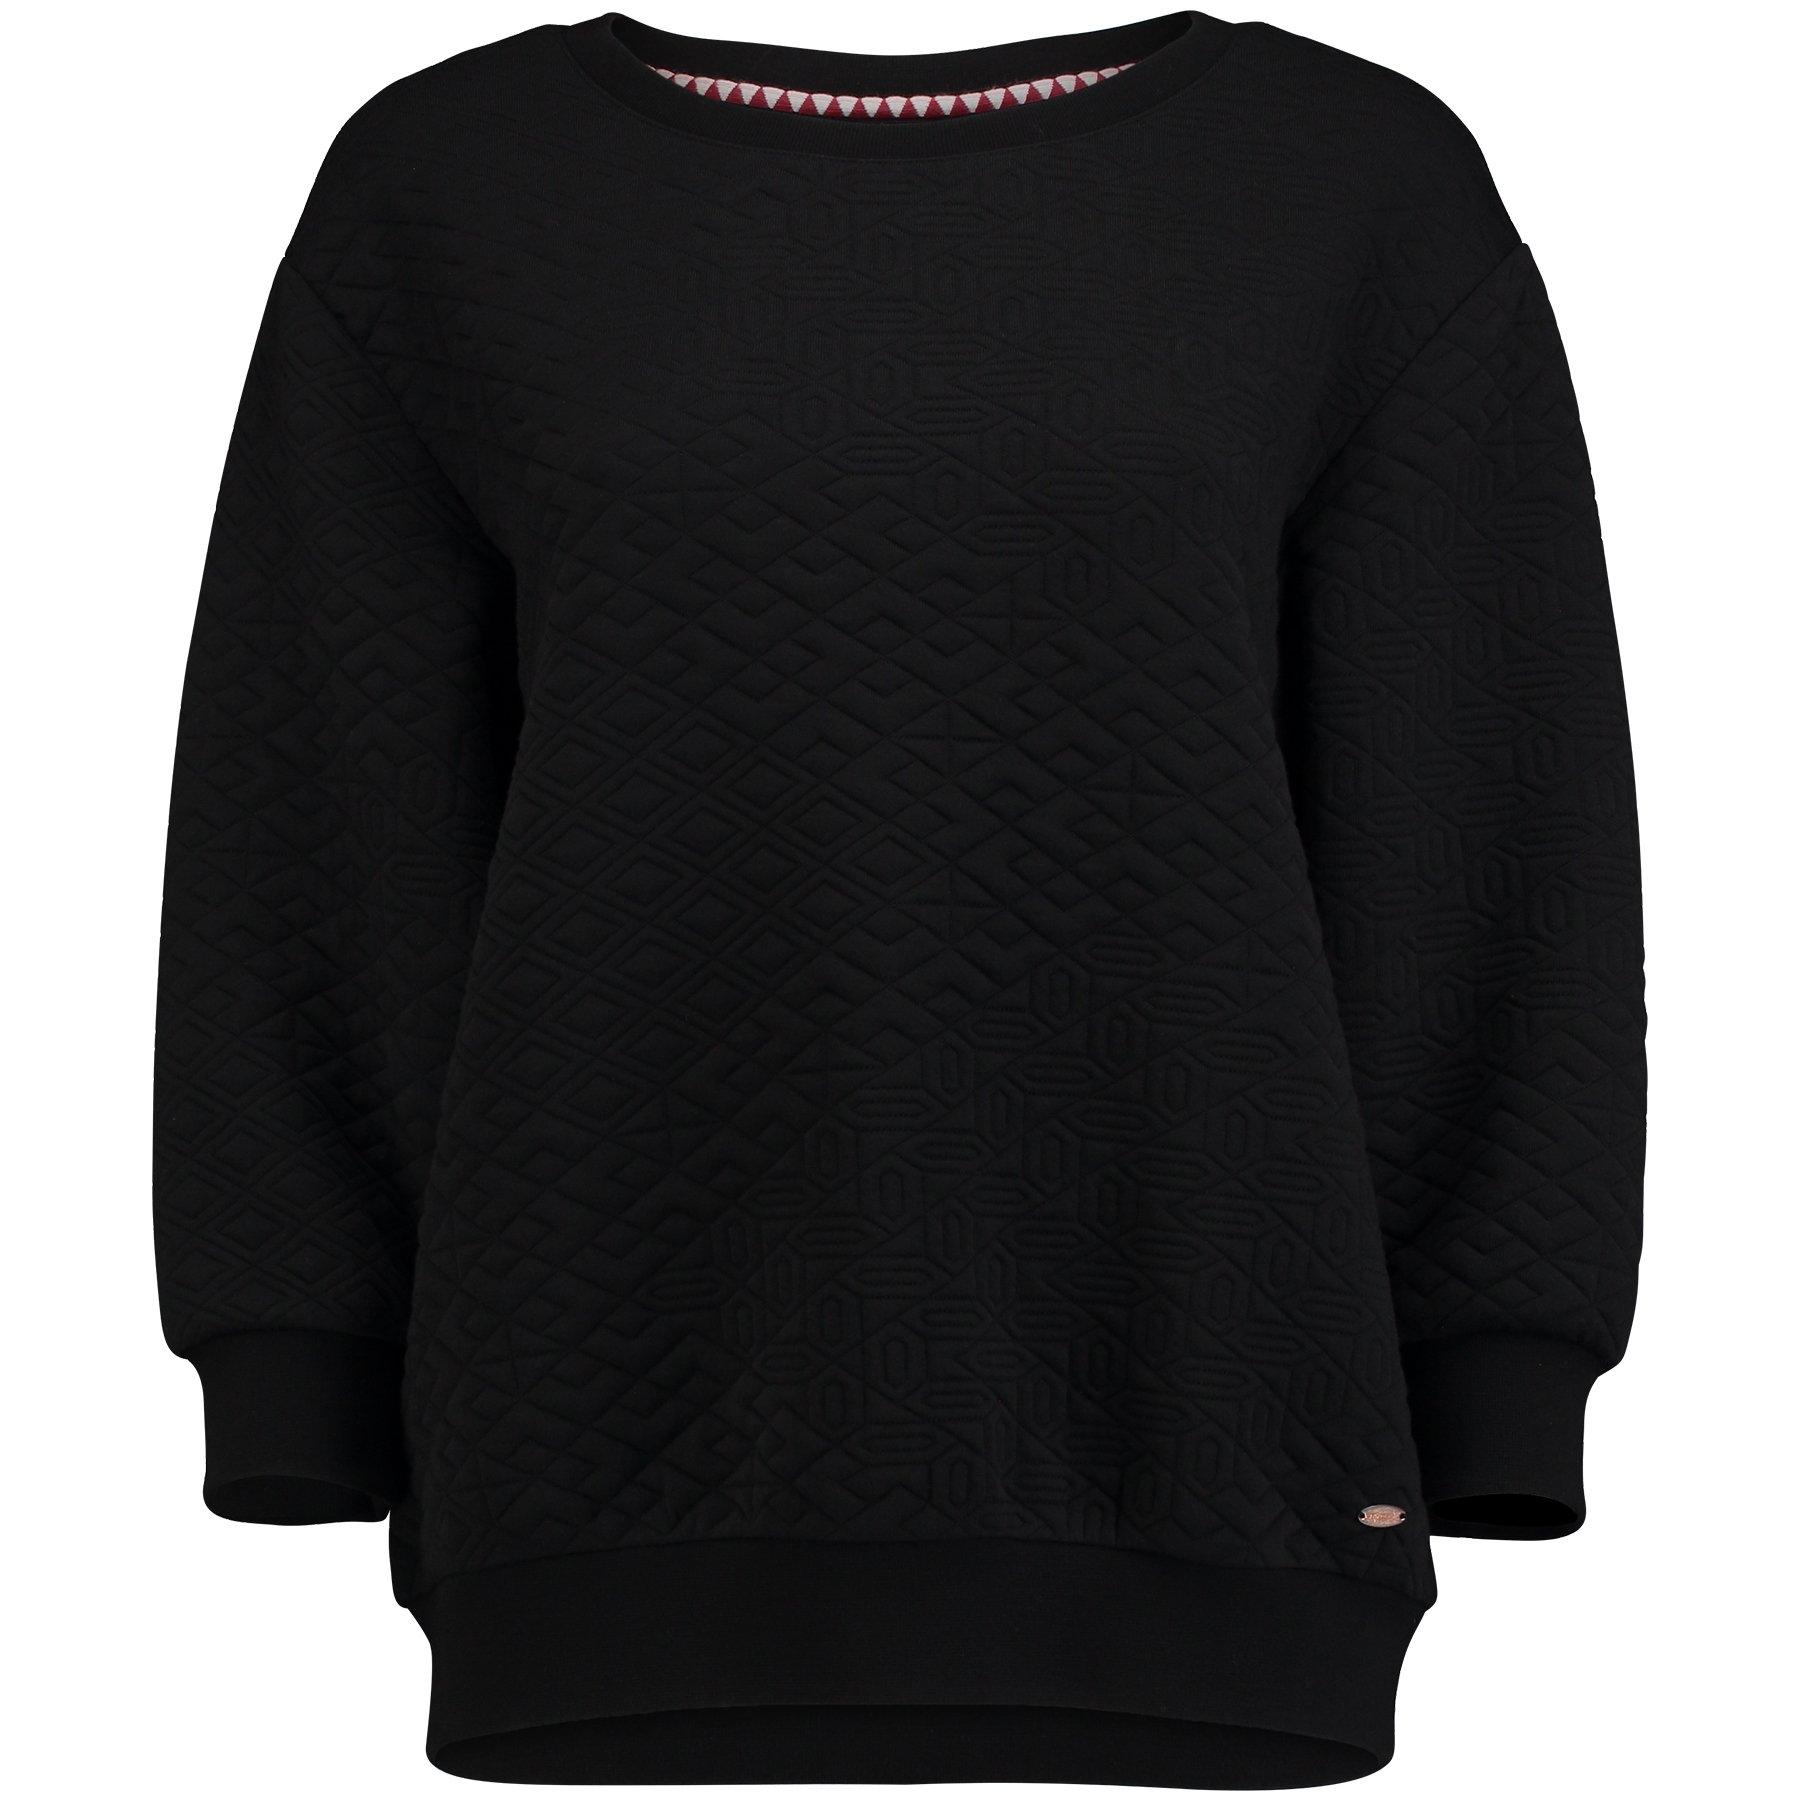 O'neill Sweatshirt »Quilted Crew« - gratis ruilen op otto.nl